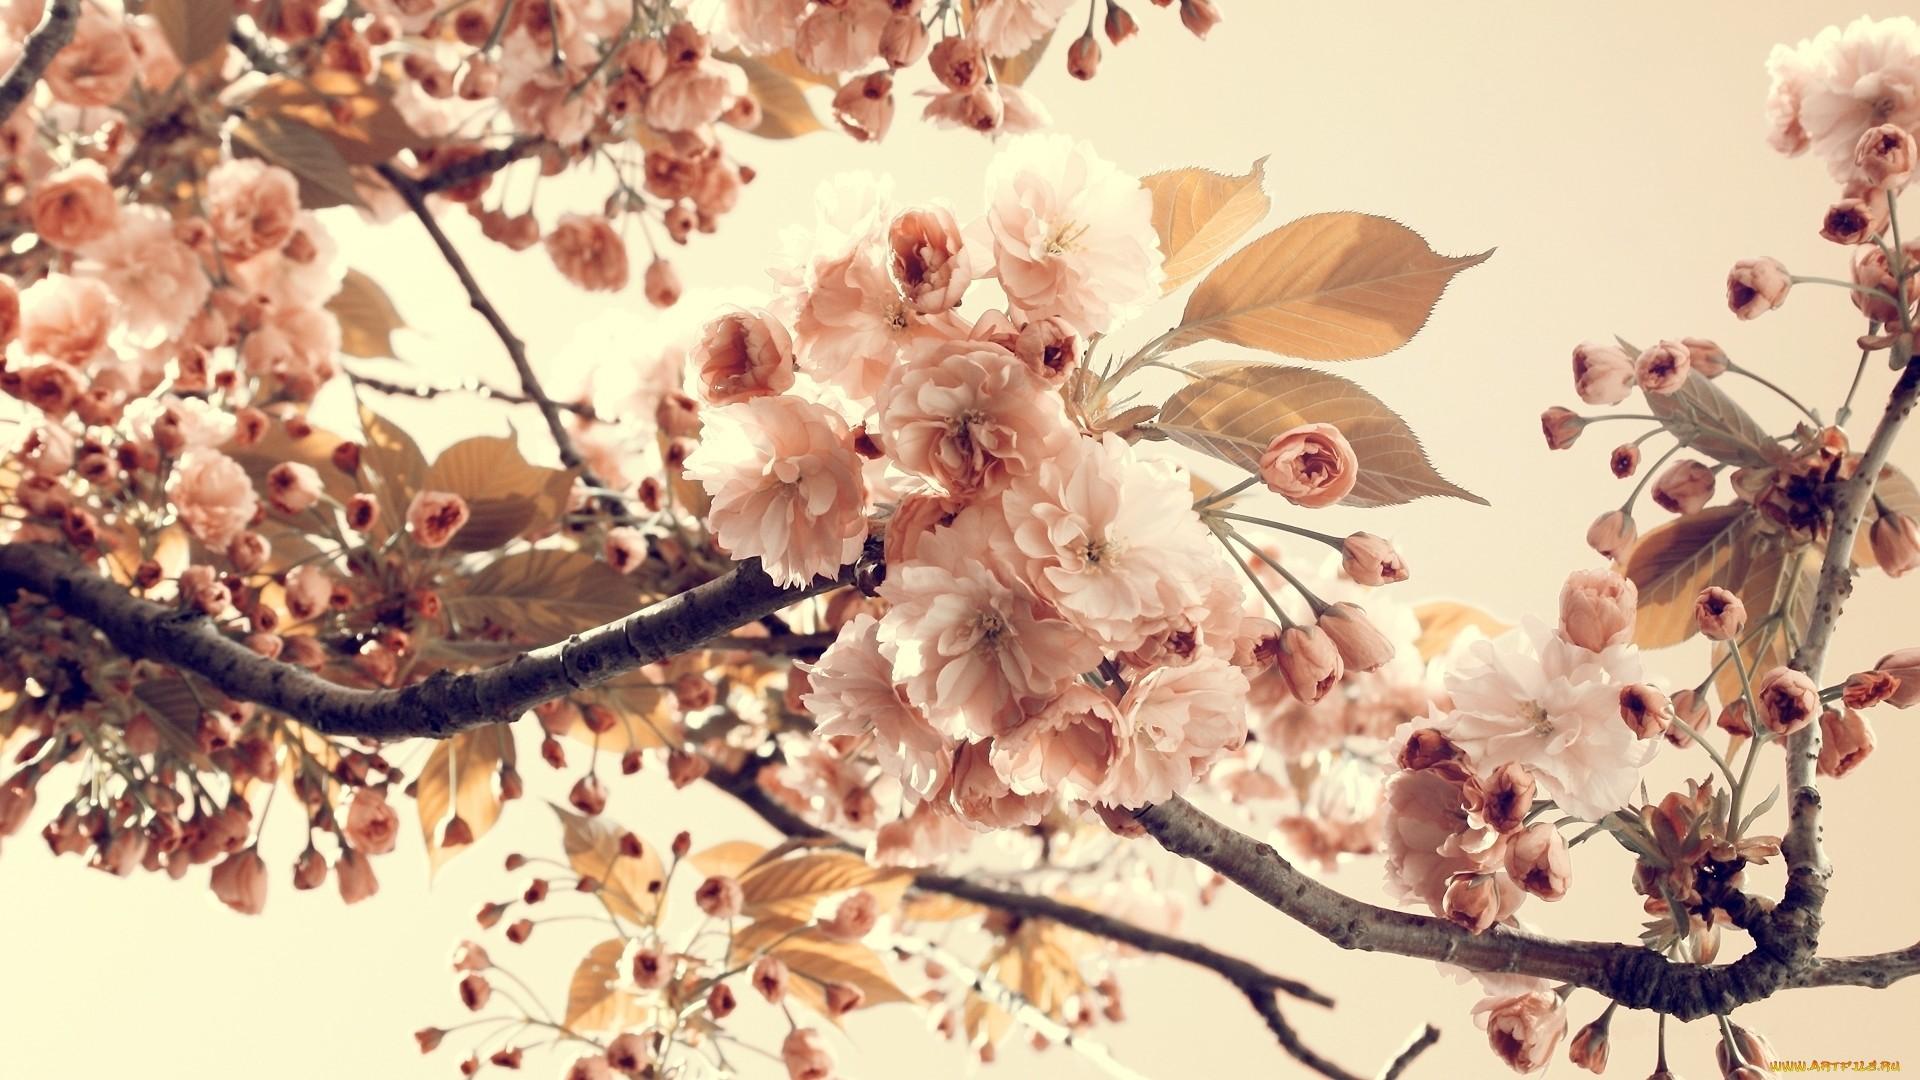 Aesthetic Flower Wallpaper image hd